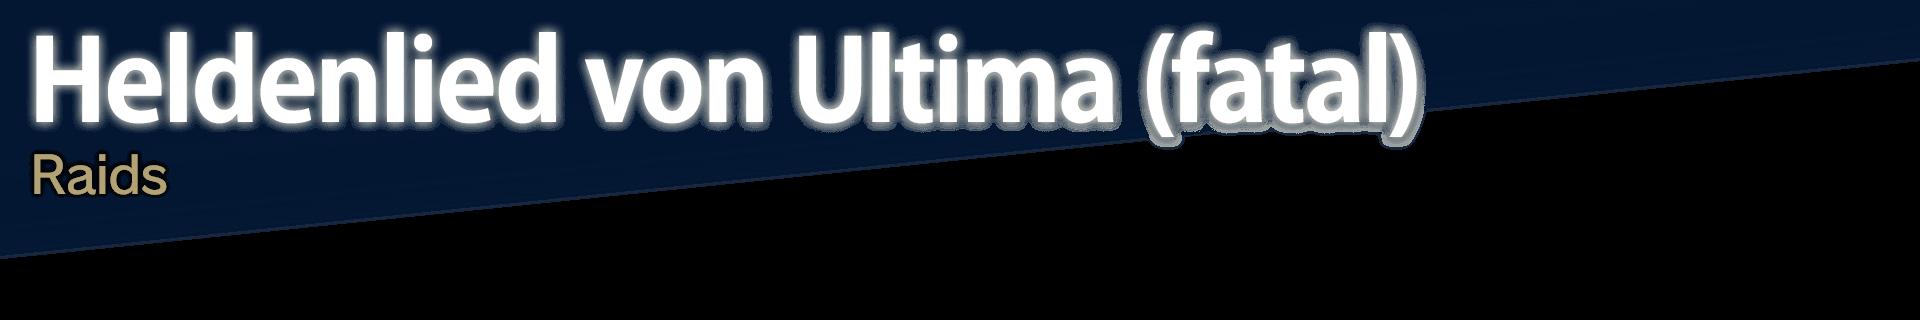 Heldenlied von Ultima (fatal) Raids